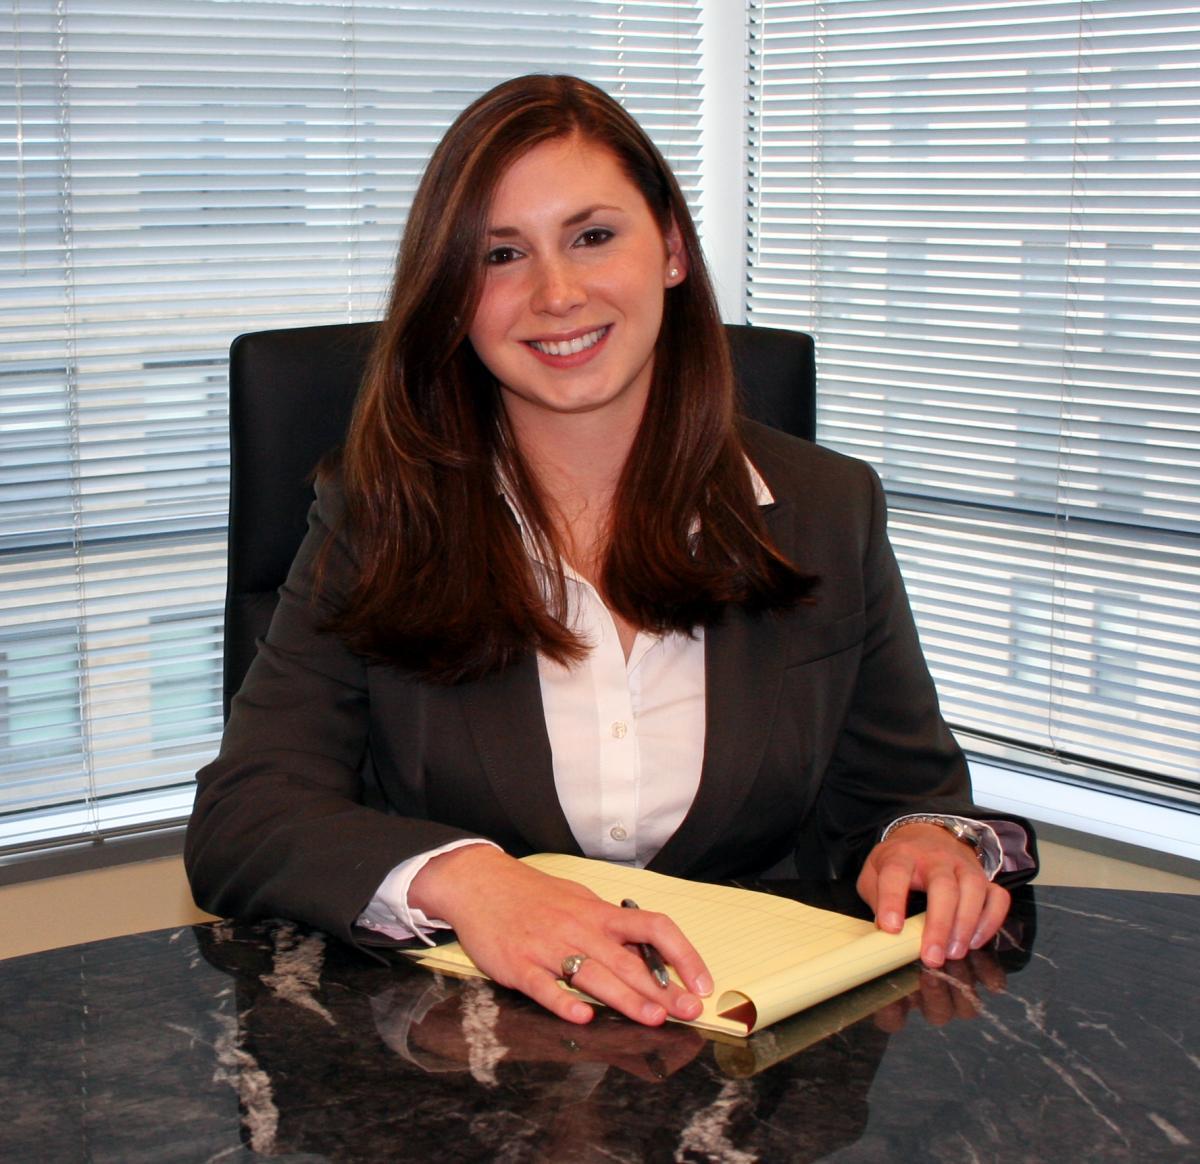 Christine White Attorney In a recent case